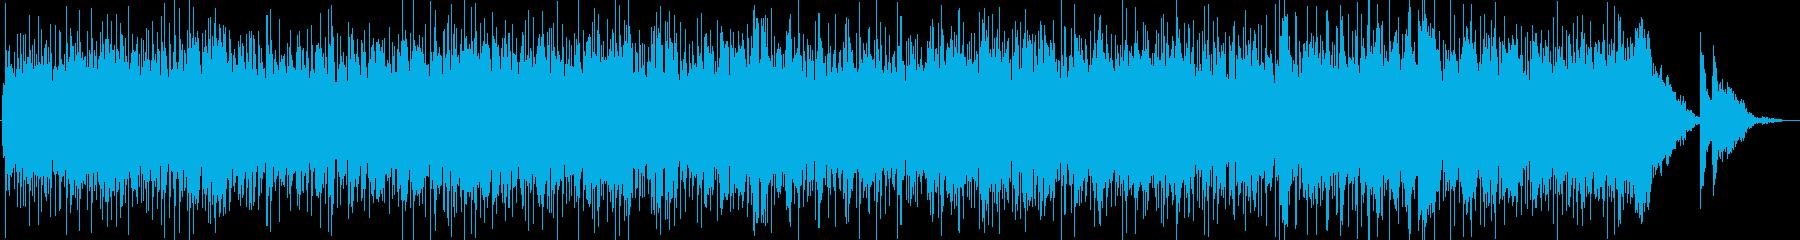 さわやか系ピアノ曲の再生済みの波形